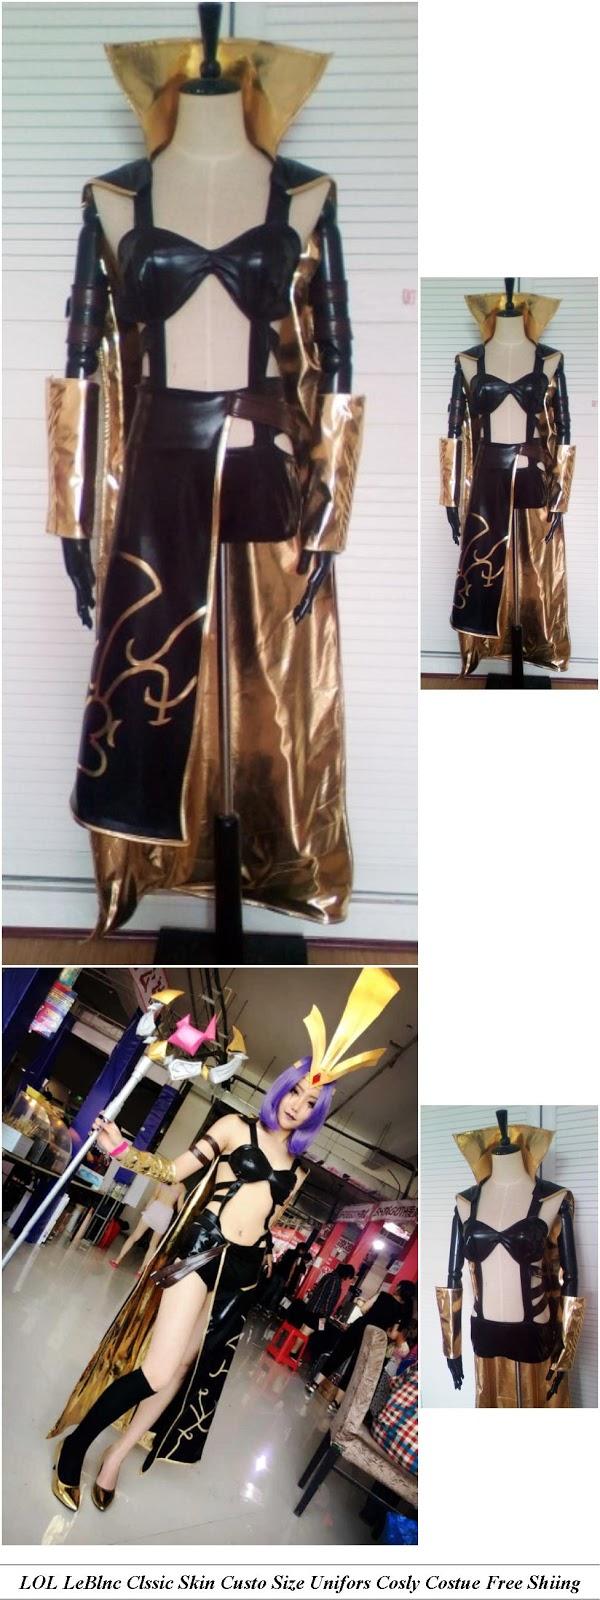 Outique Indian Dresses Online - Clothes Sales Online Australia - Sparkly Dresses Meme